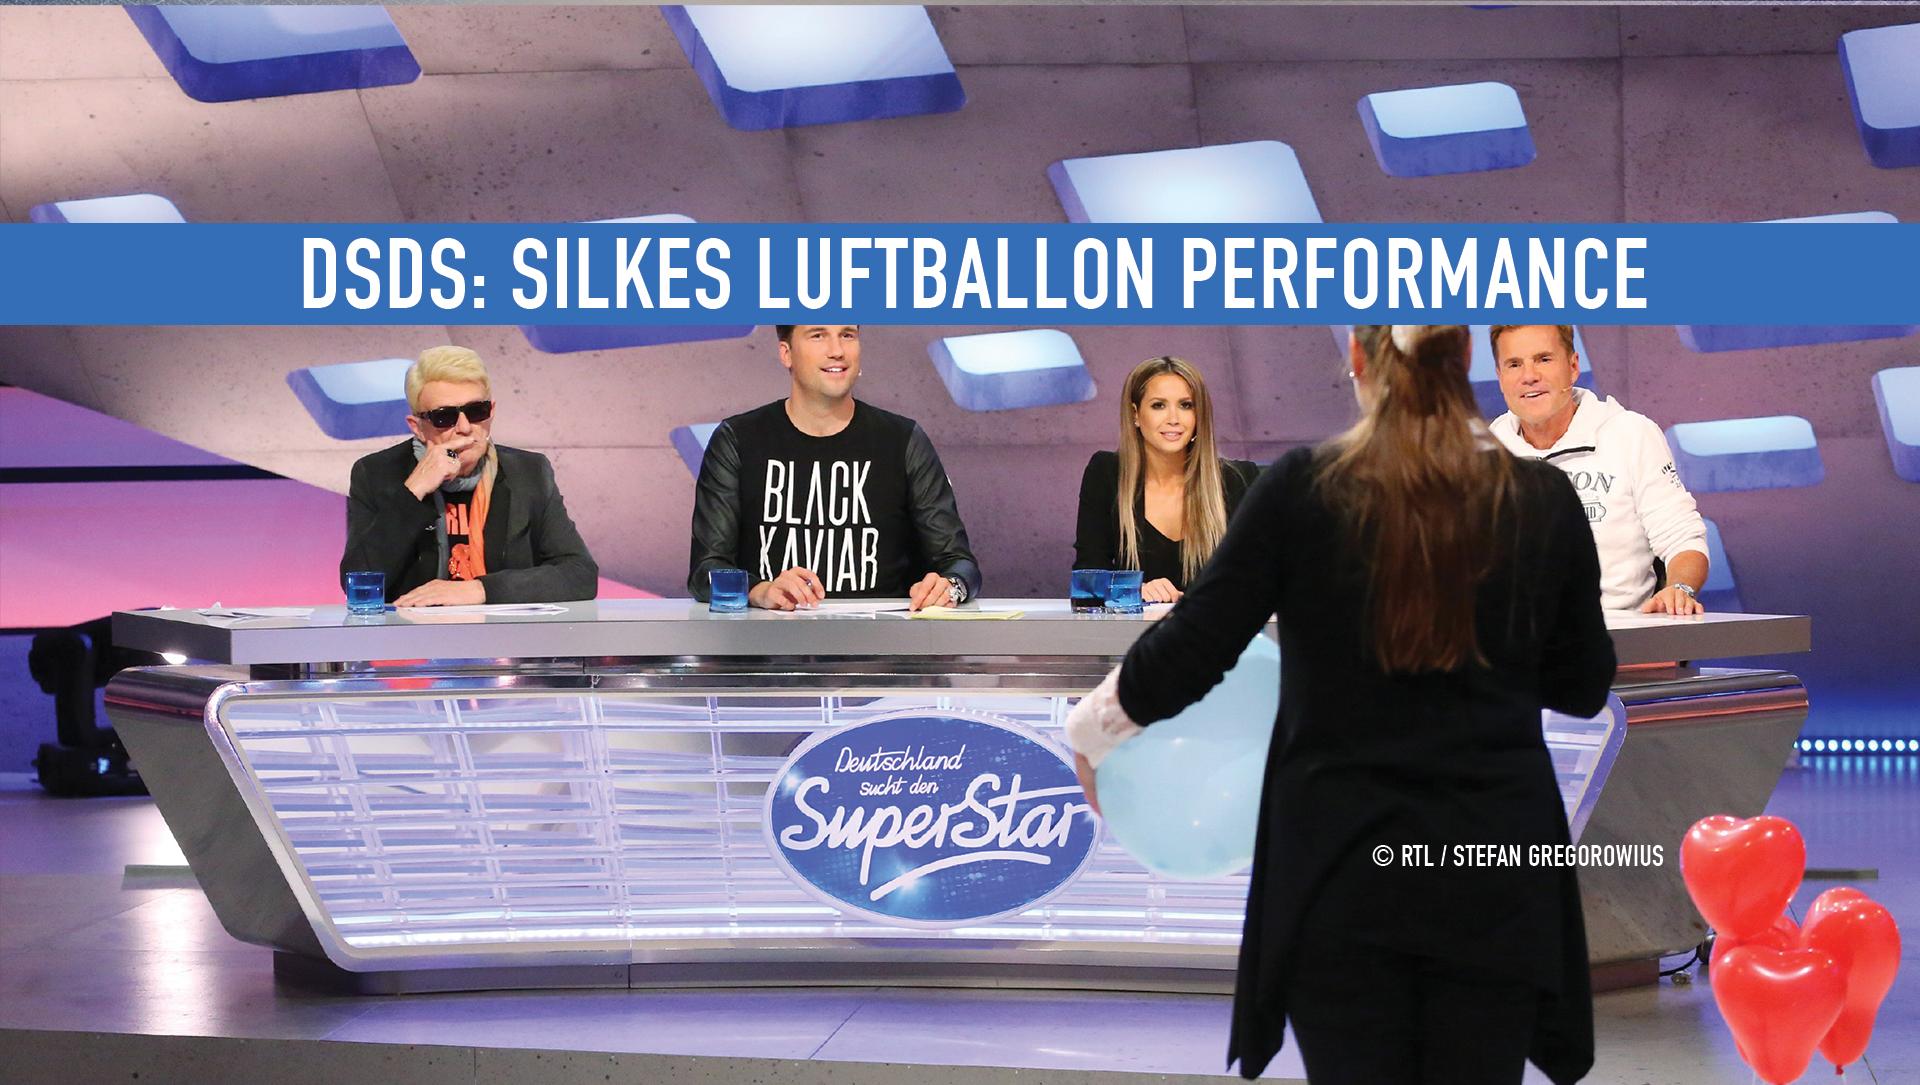 dsds silke 99 luftballons performance jury heino dieter bohlen mandy dj antoine